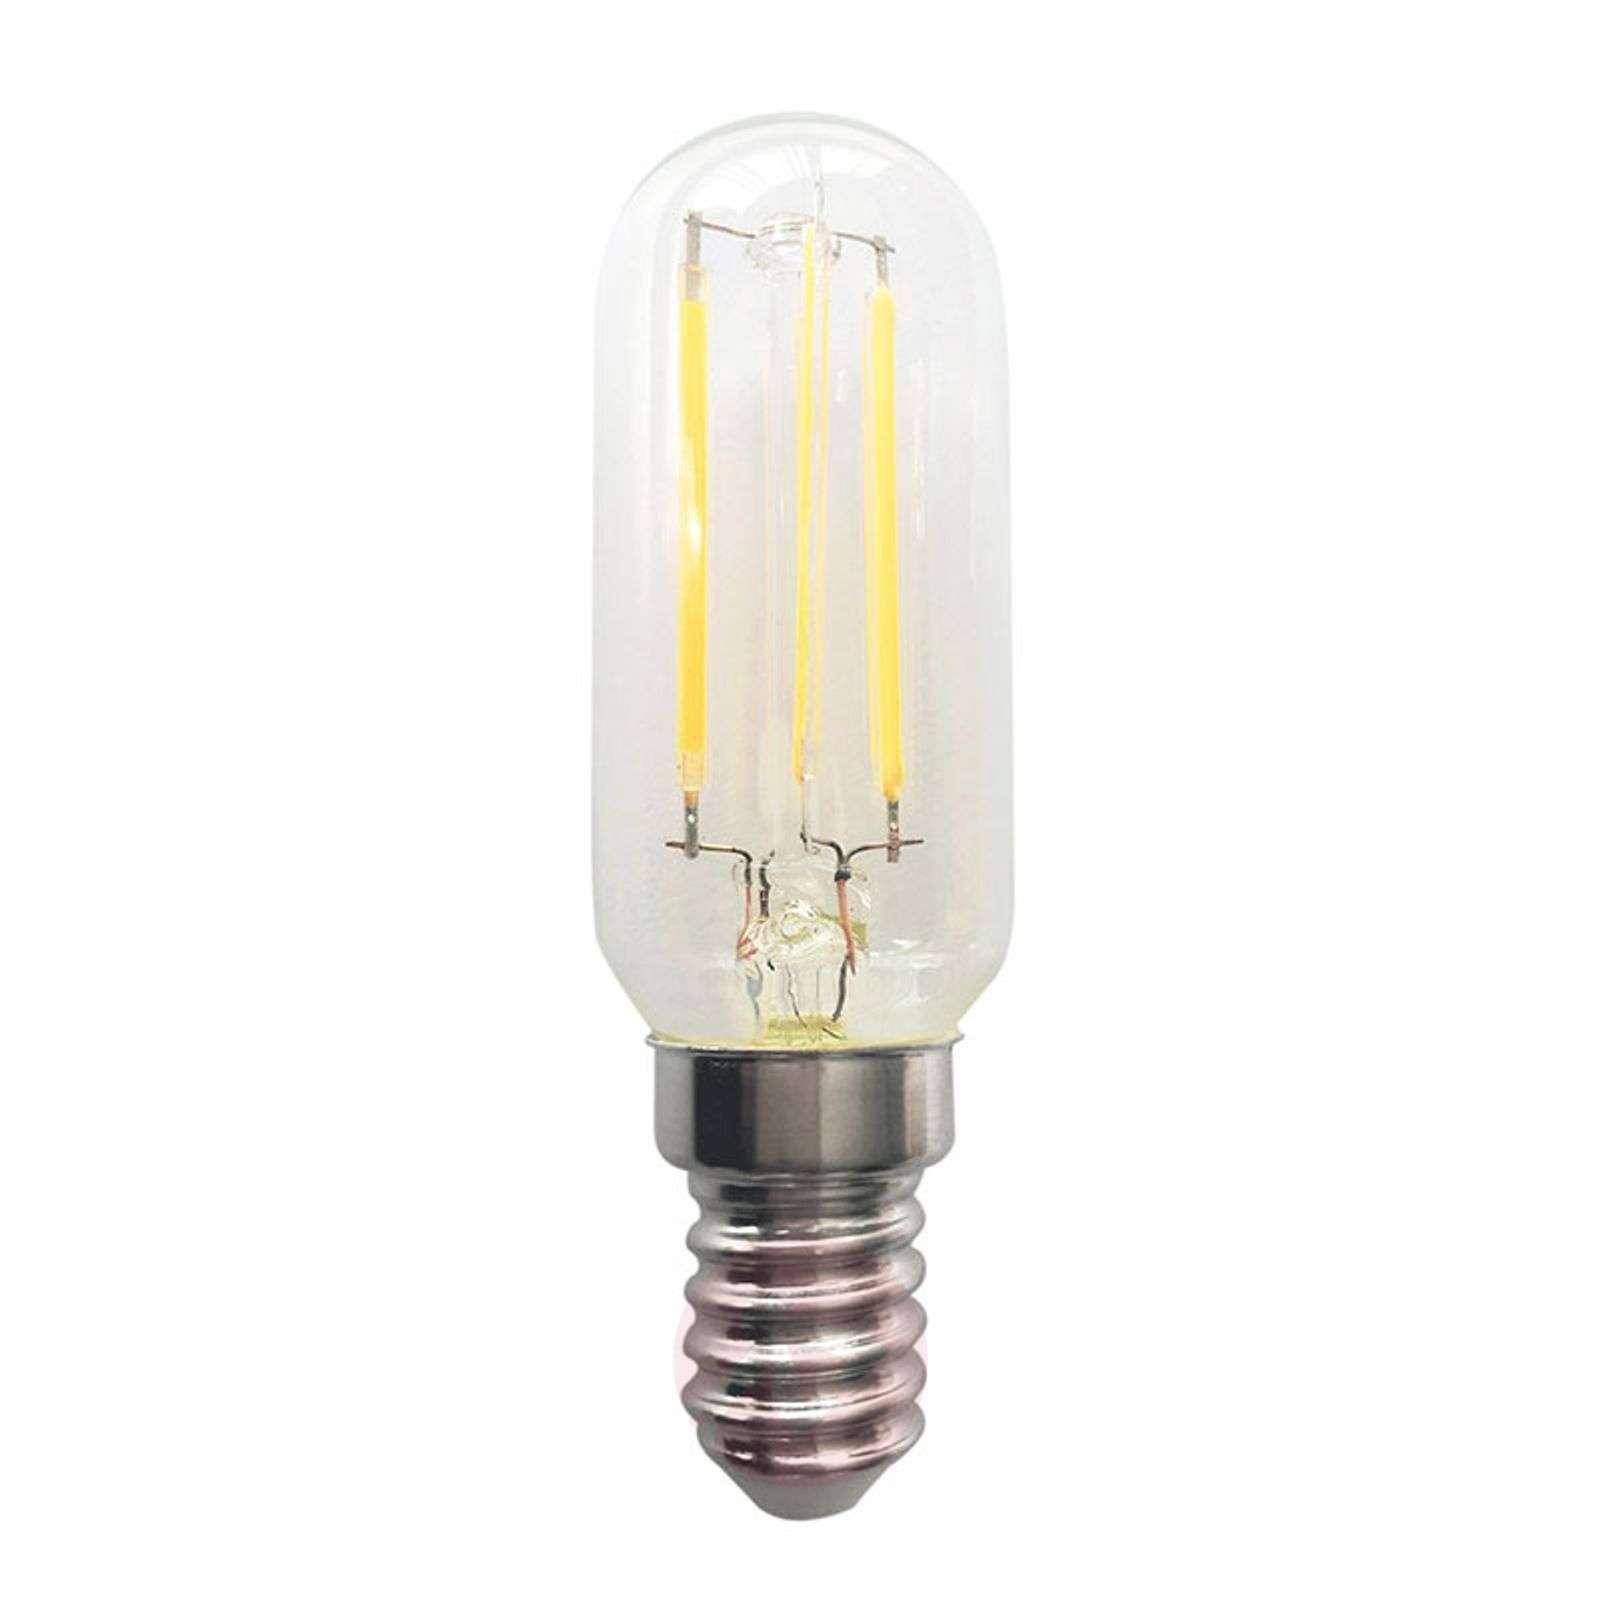 Led Fridge Bulb E14 4 W Classic Mini Filament Lights Ie